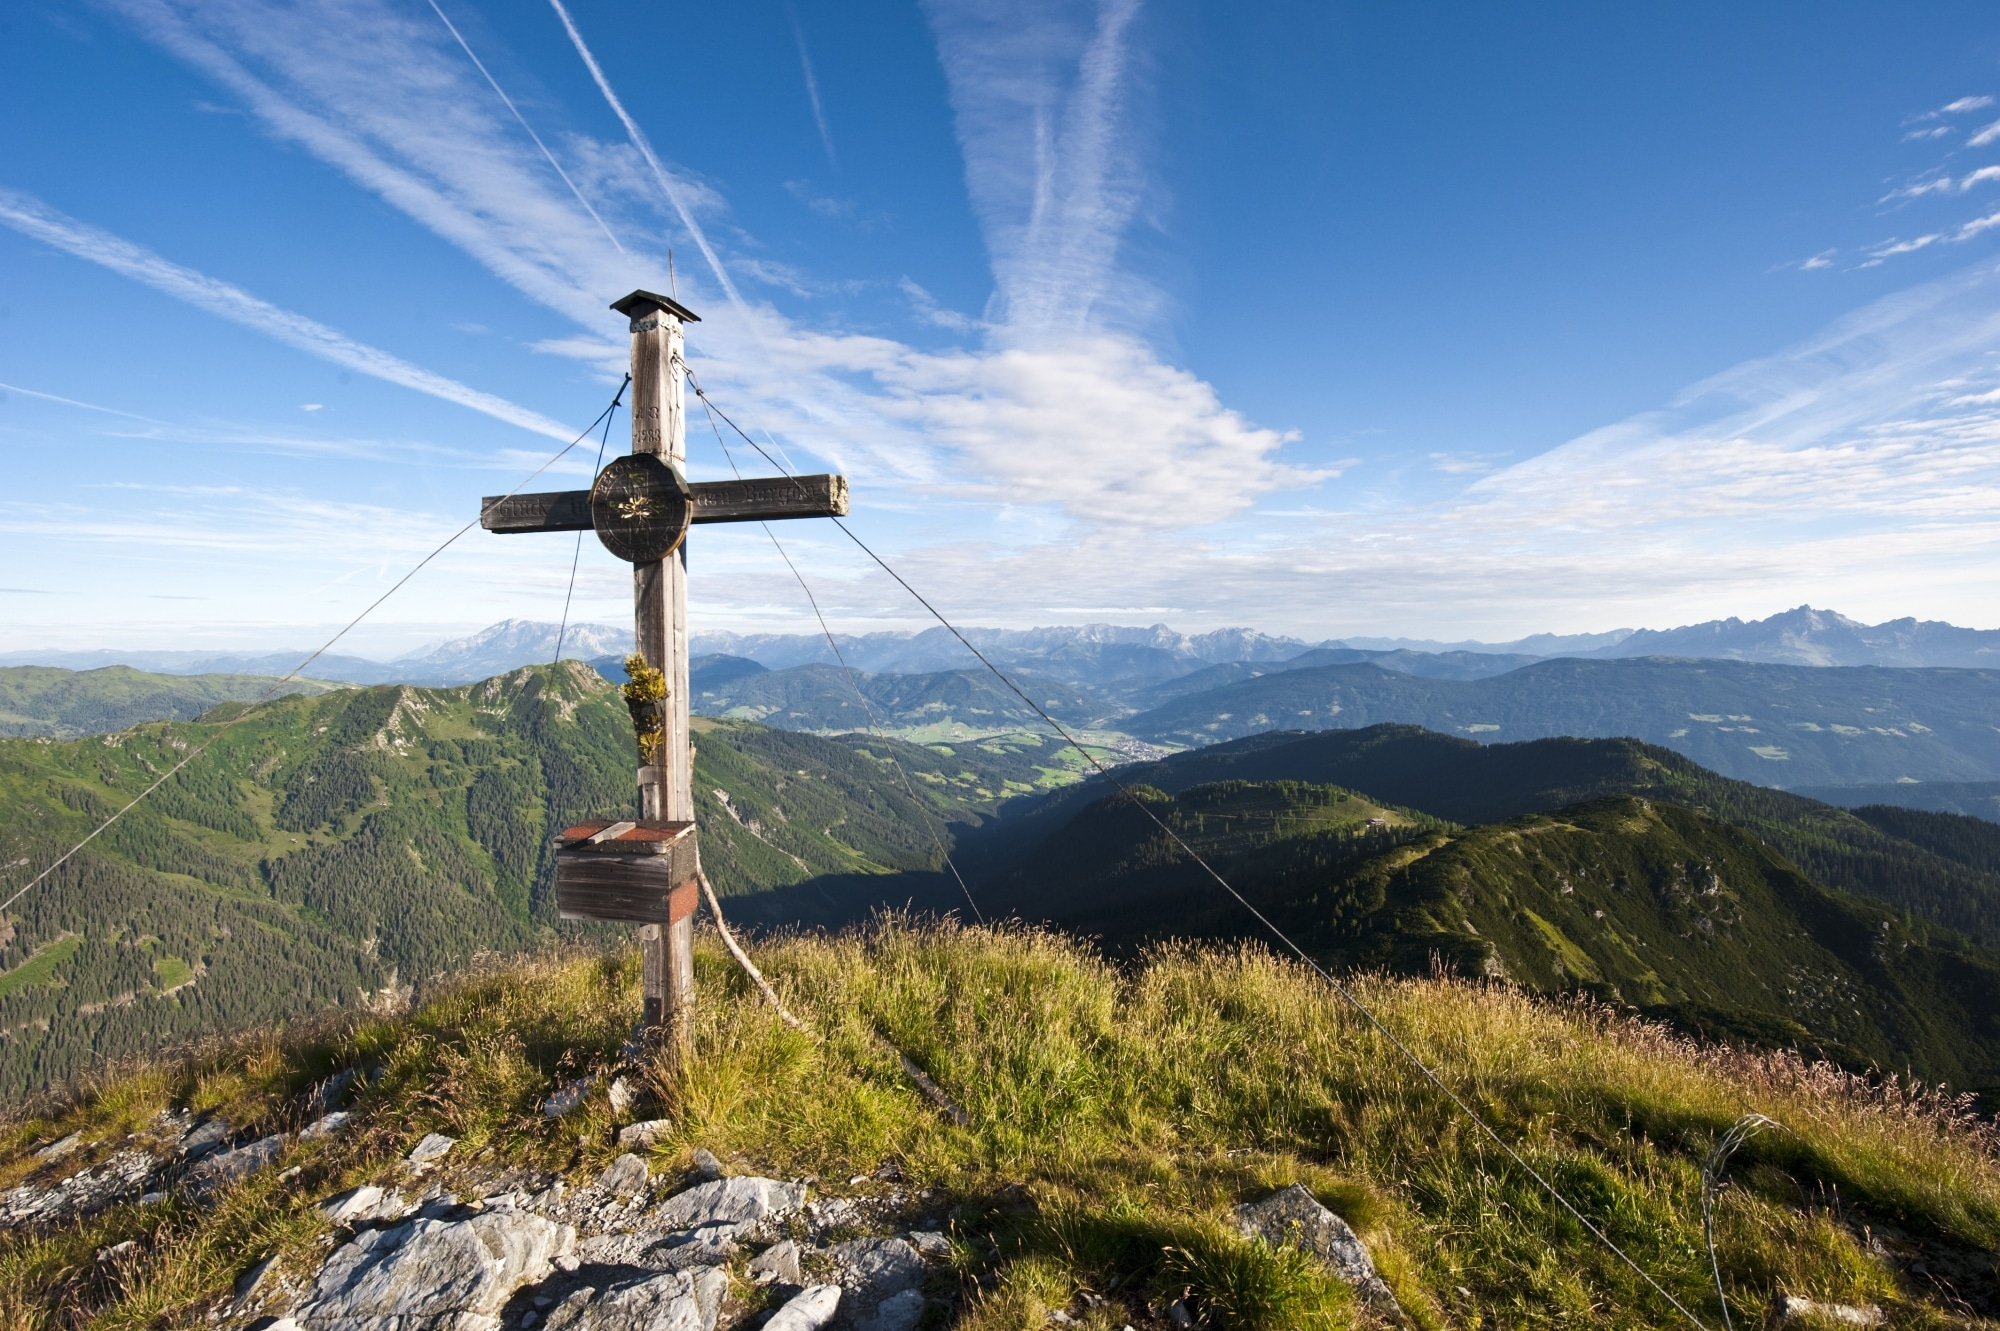 Gipfelkreuz in Altenmarkt Zauchensee